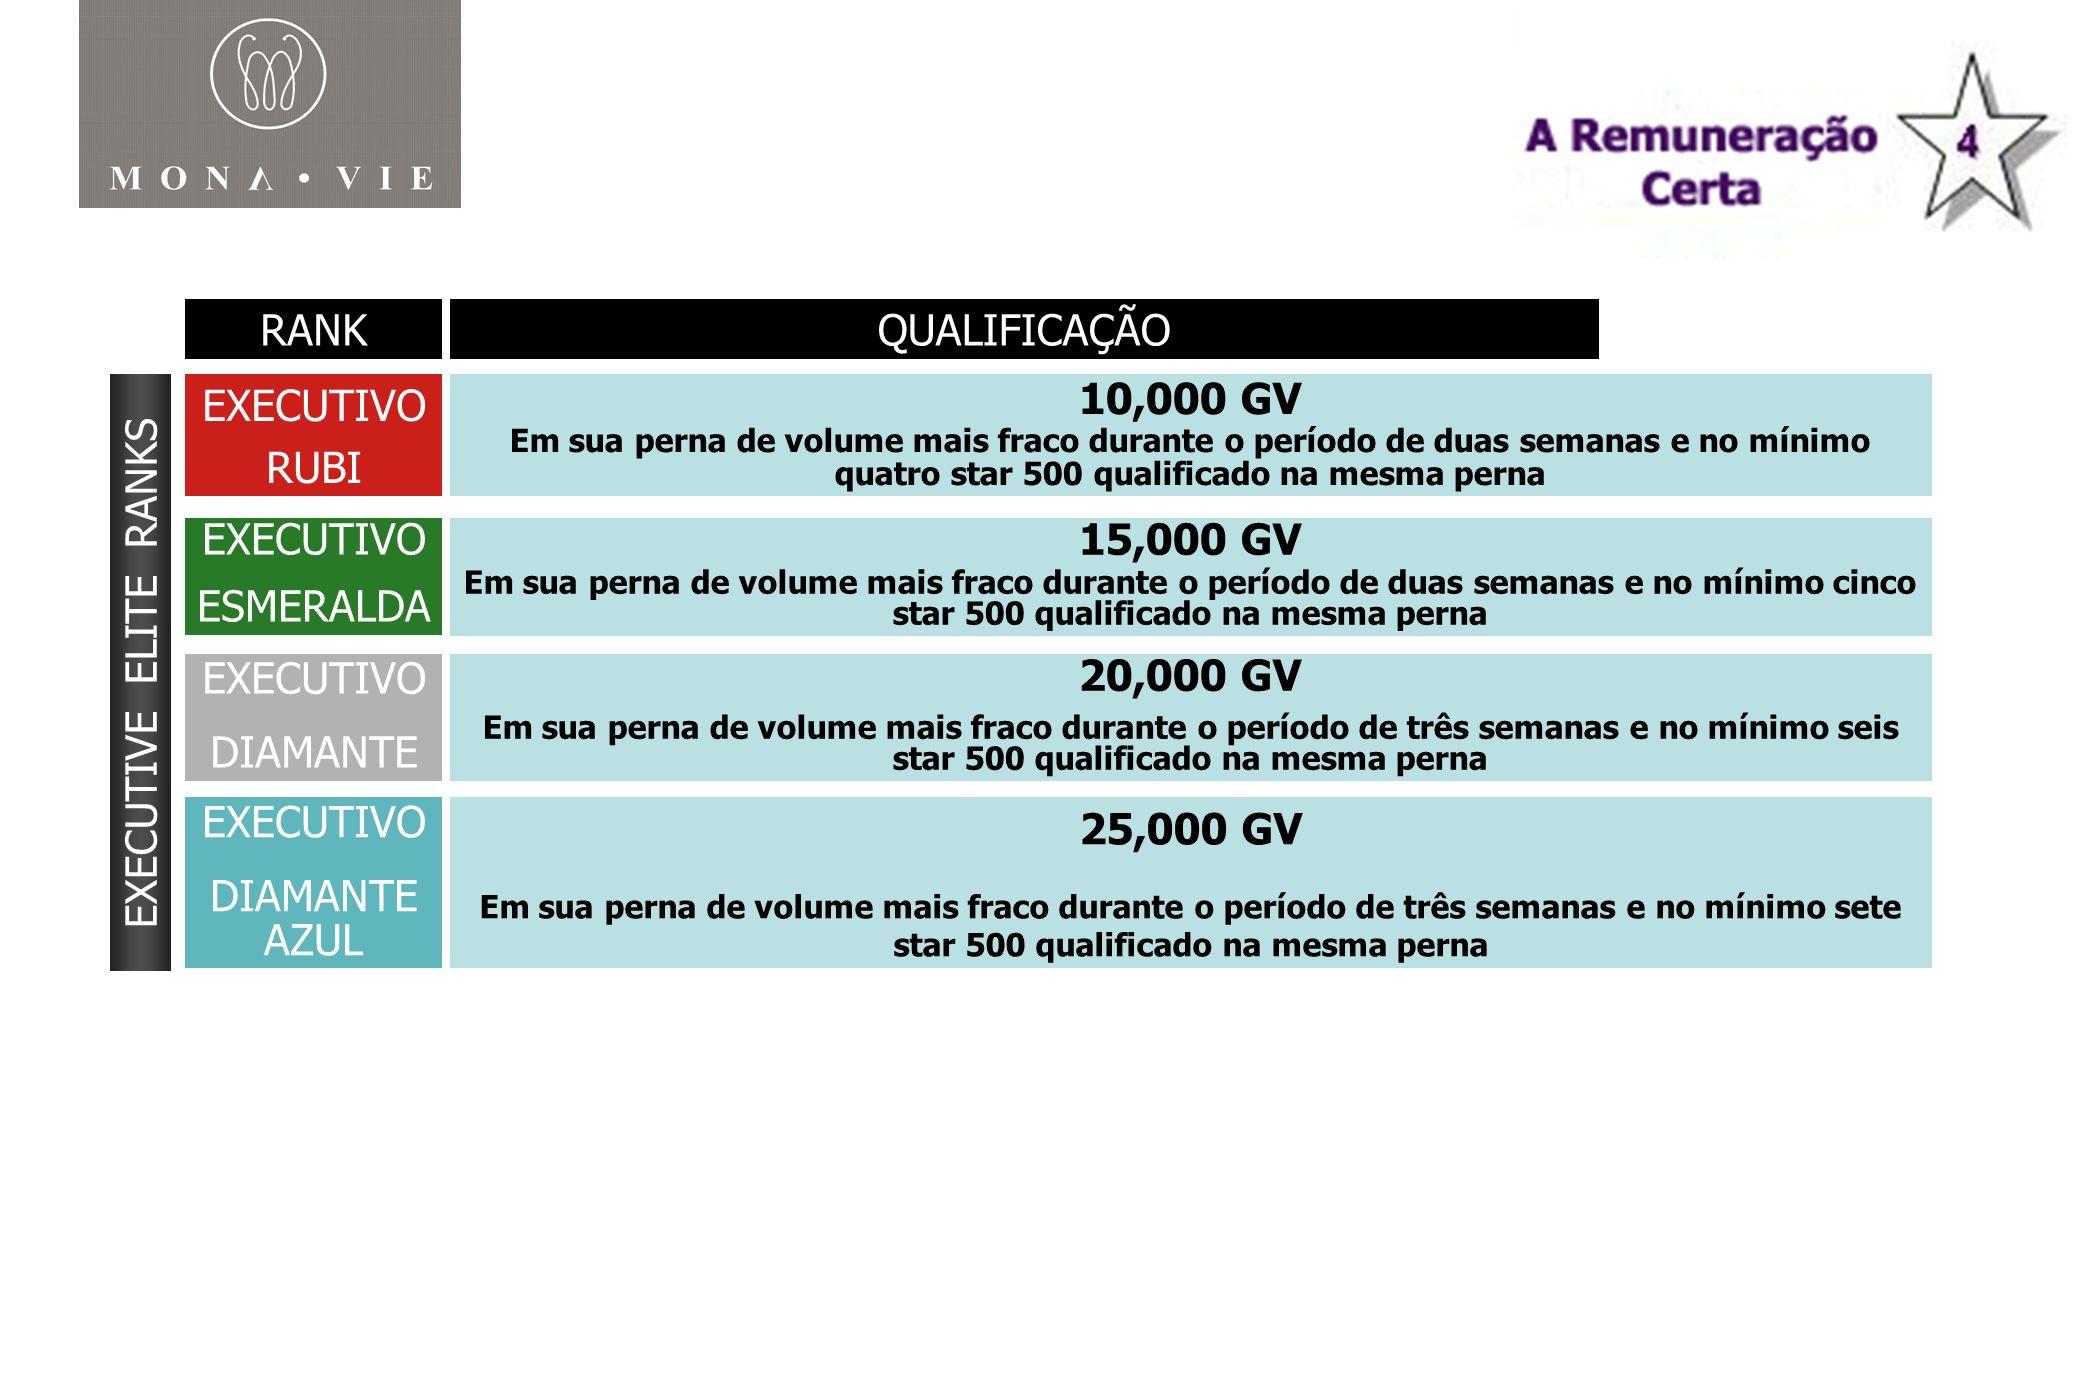 RANK MONAVIE RANK QUALIFICAÇÃO EXECUTIVO RUBI 10,000 GV EXECUTIVO